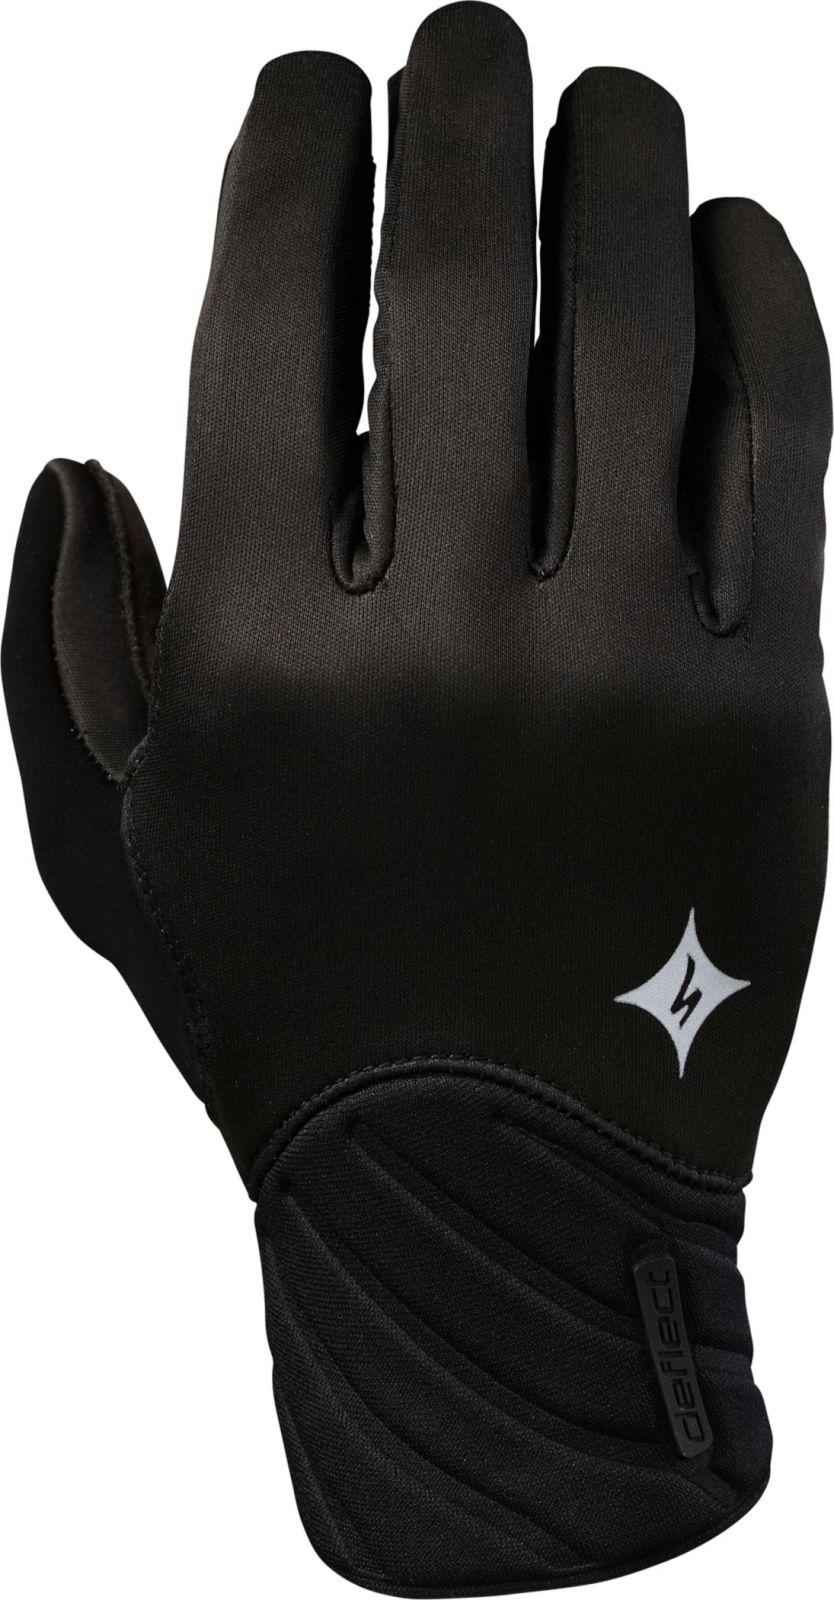 6f71fc2f505 zimní rukavice Specialized ELEMENT 2.0 dlouhoprsté NEON YEL XL